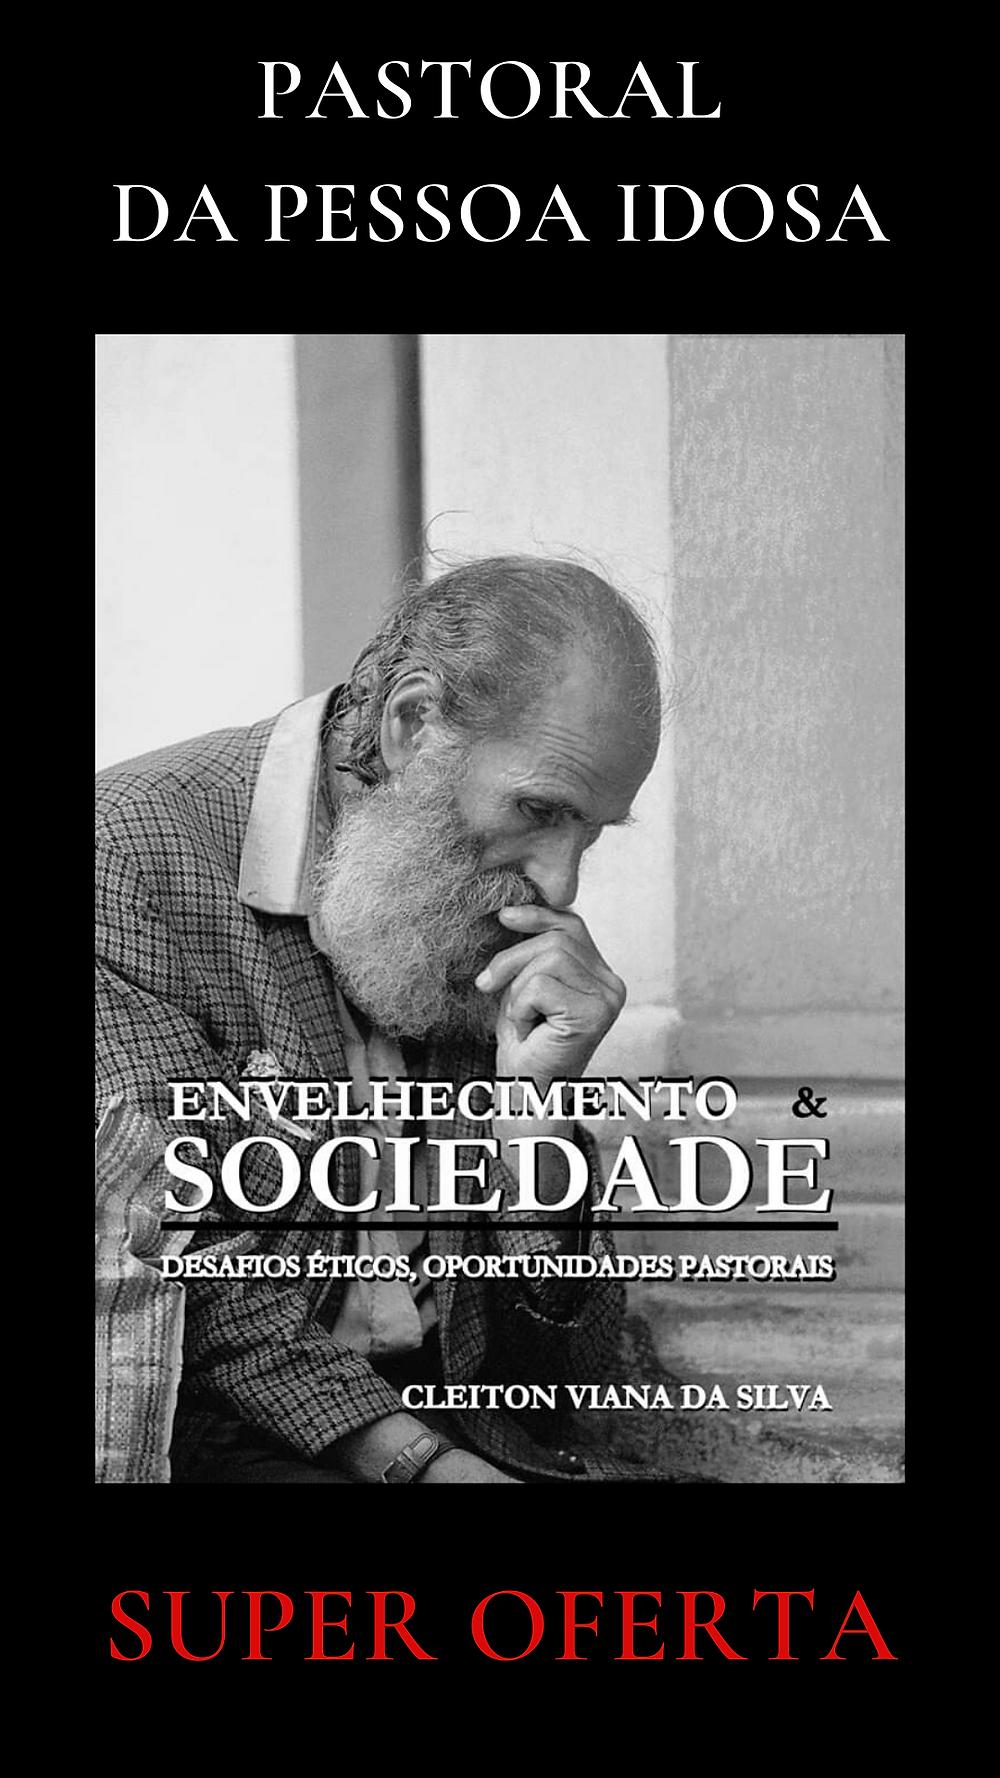 Confira este livro ideal para agentes da pastoral da pessoa idosa